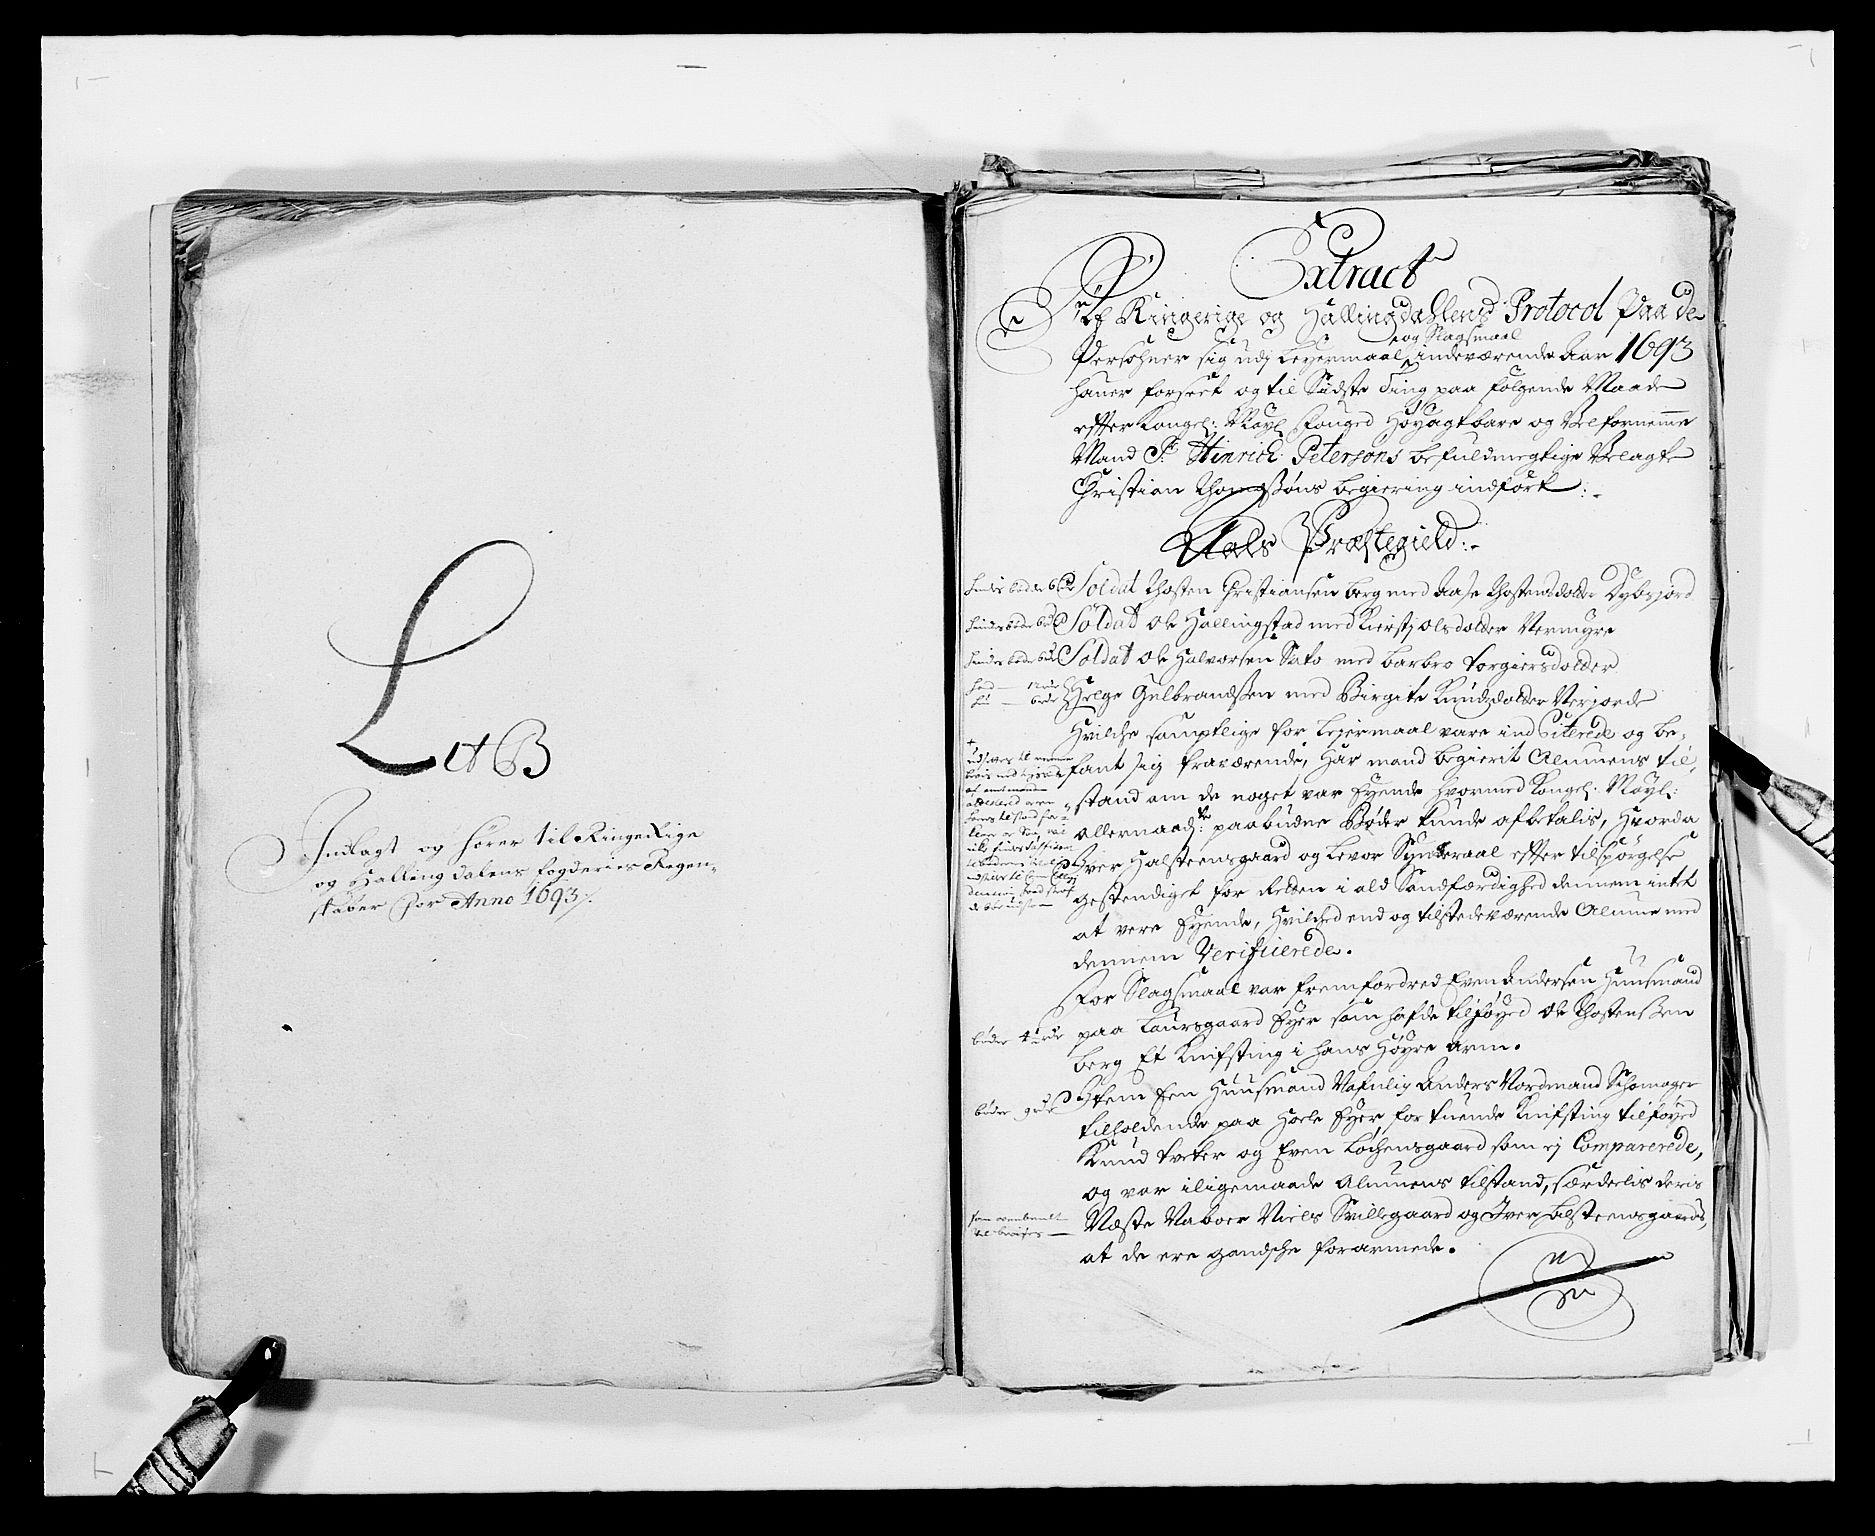 RA, Rentekammeret inntil 1814, Reviderte regnskaper, Fogderegnskap, R21/L1450: Fogderegnskap Ringerike og Hallingdal, 1693, s. 102